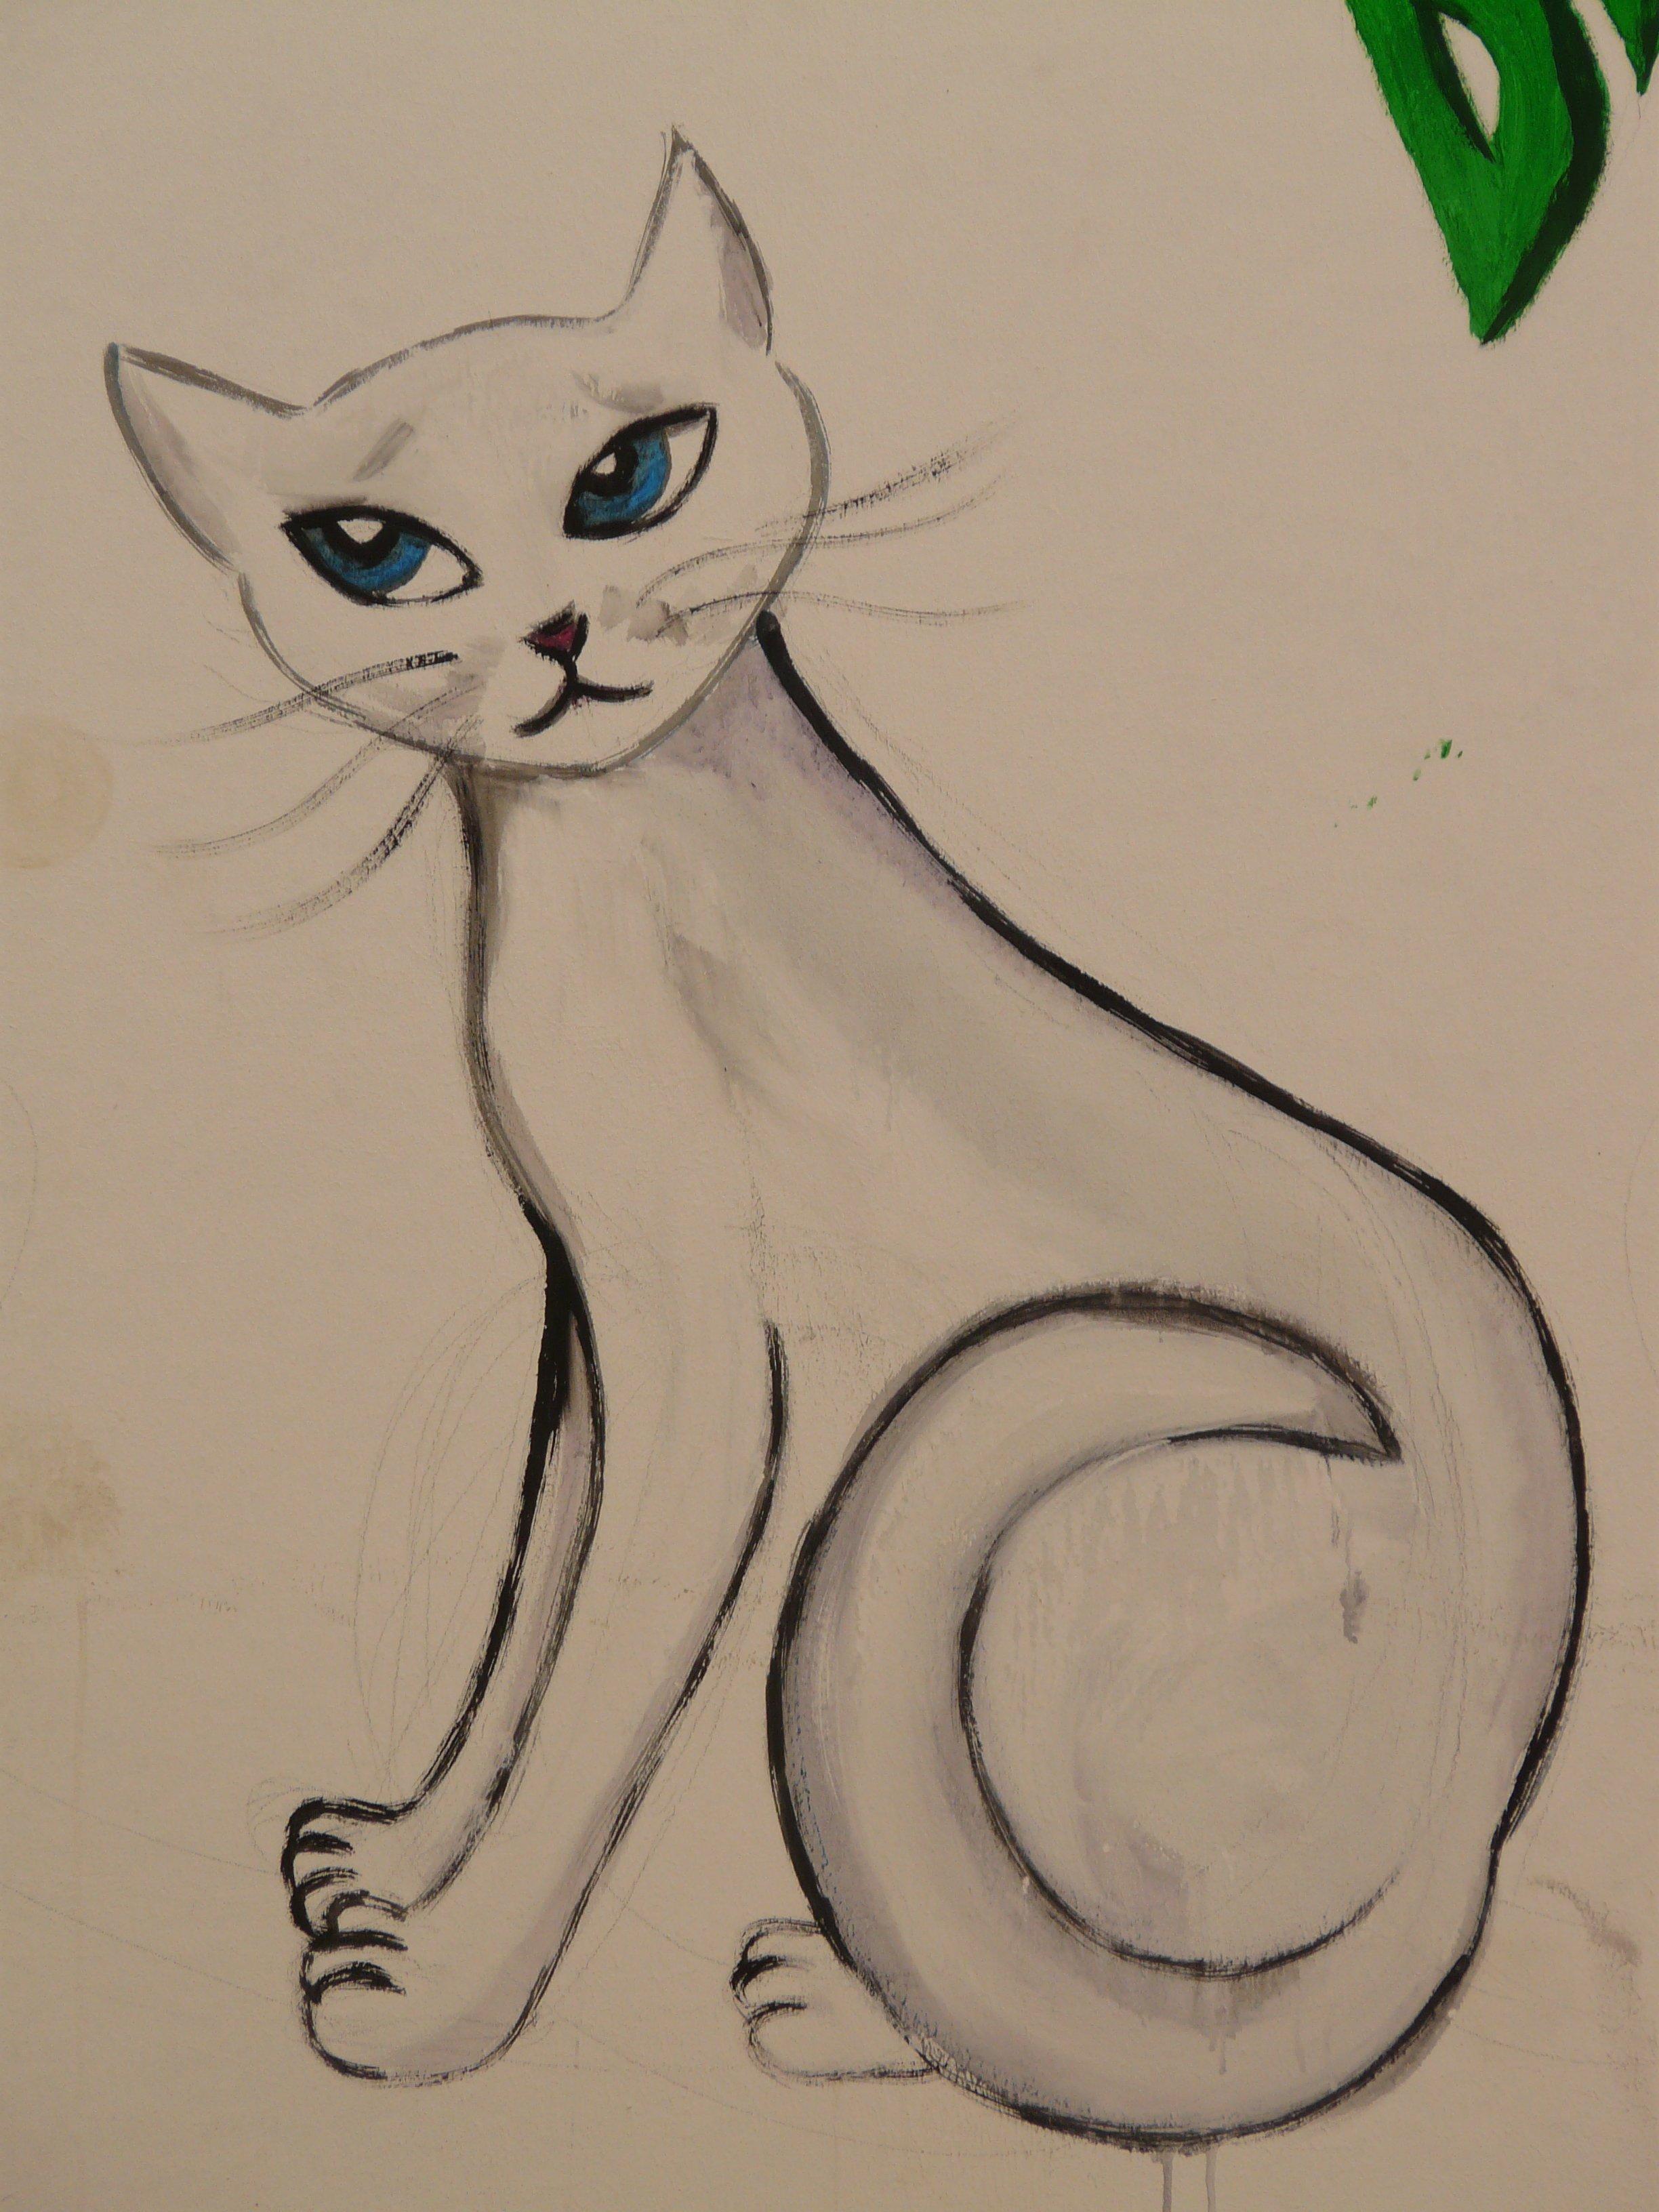 Gambar Hewan Cat Coretan Karya Seni Lukisan Sketsa Ilustrasi